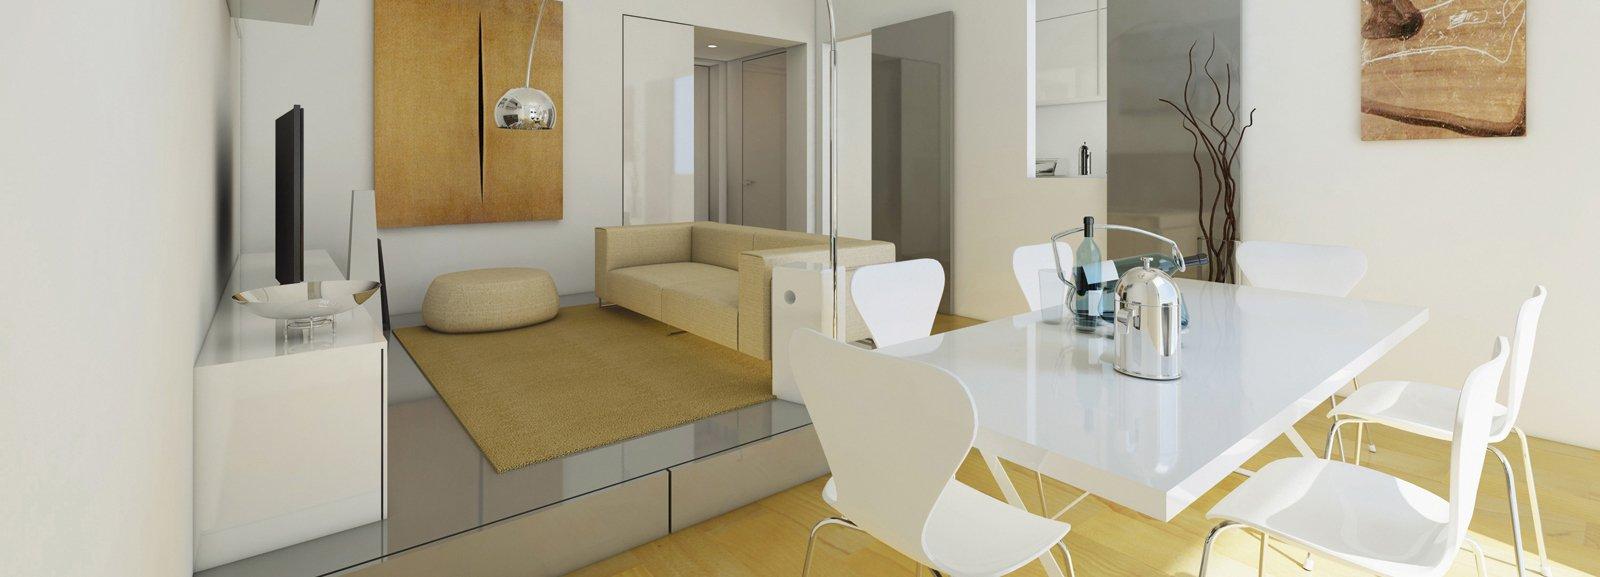 Tante idee per migliorare casa focus sulla zona giorno for Rivestire porte vecchie